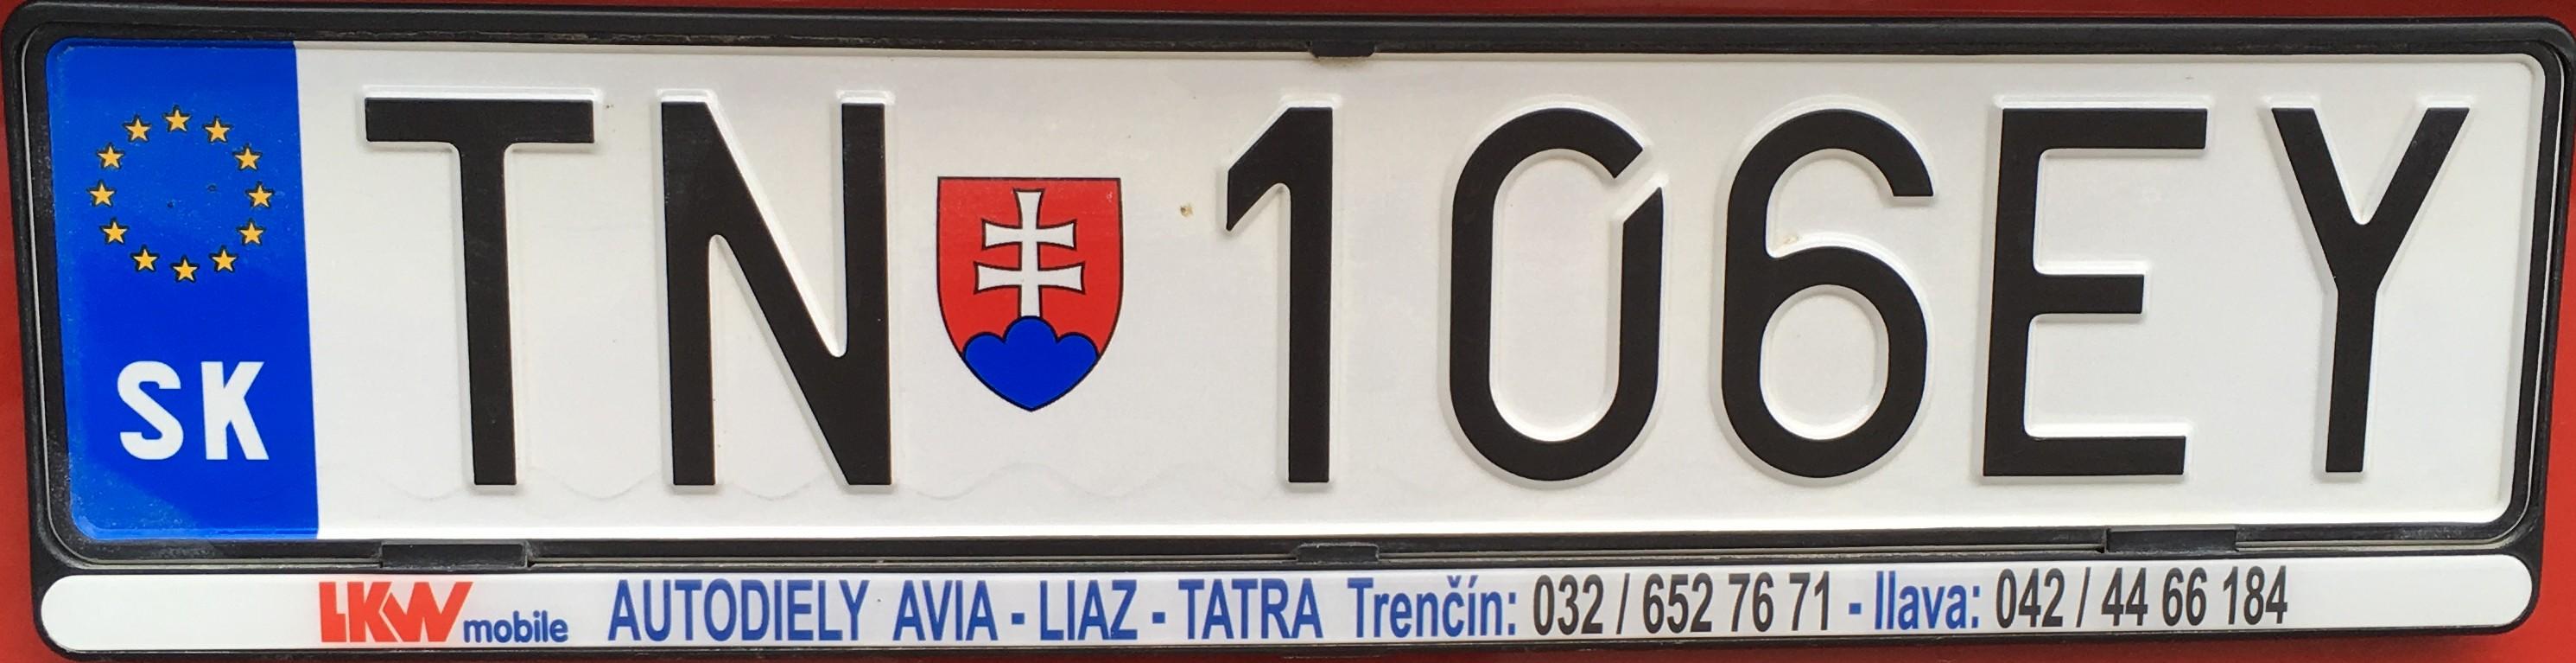 Registrační značka: TN - Trenčín, foto: vlastní